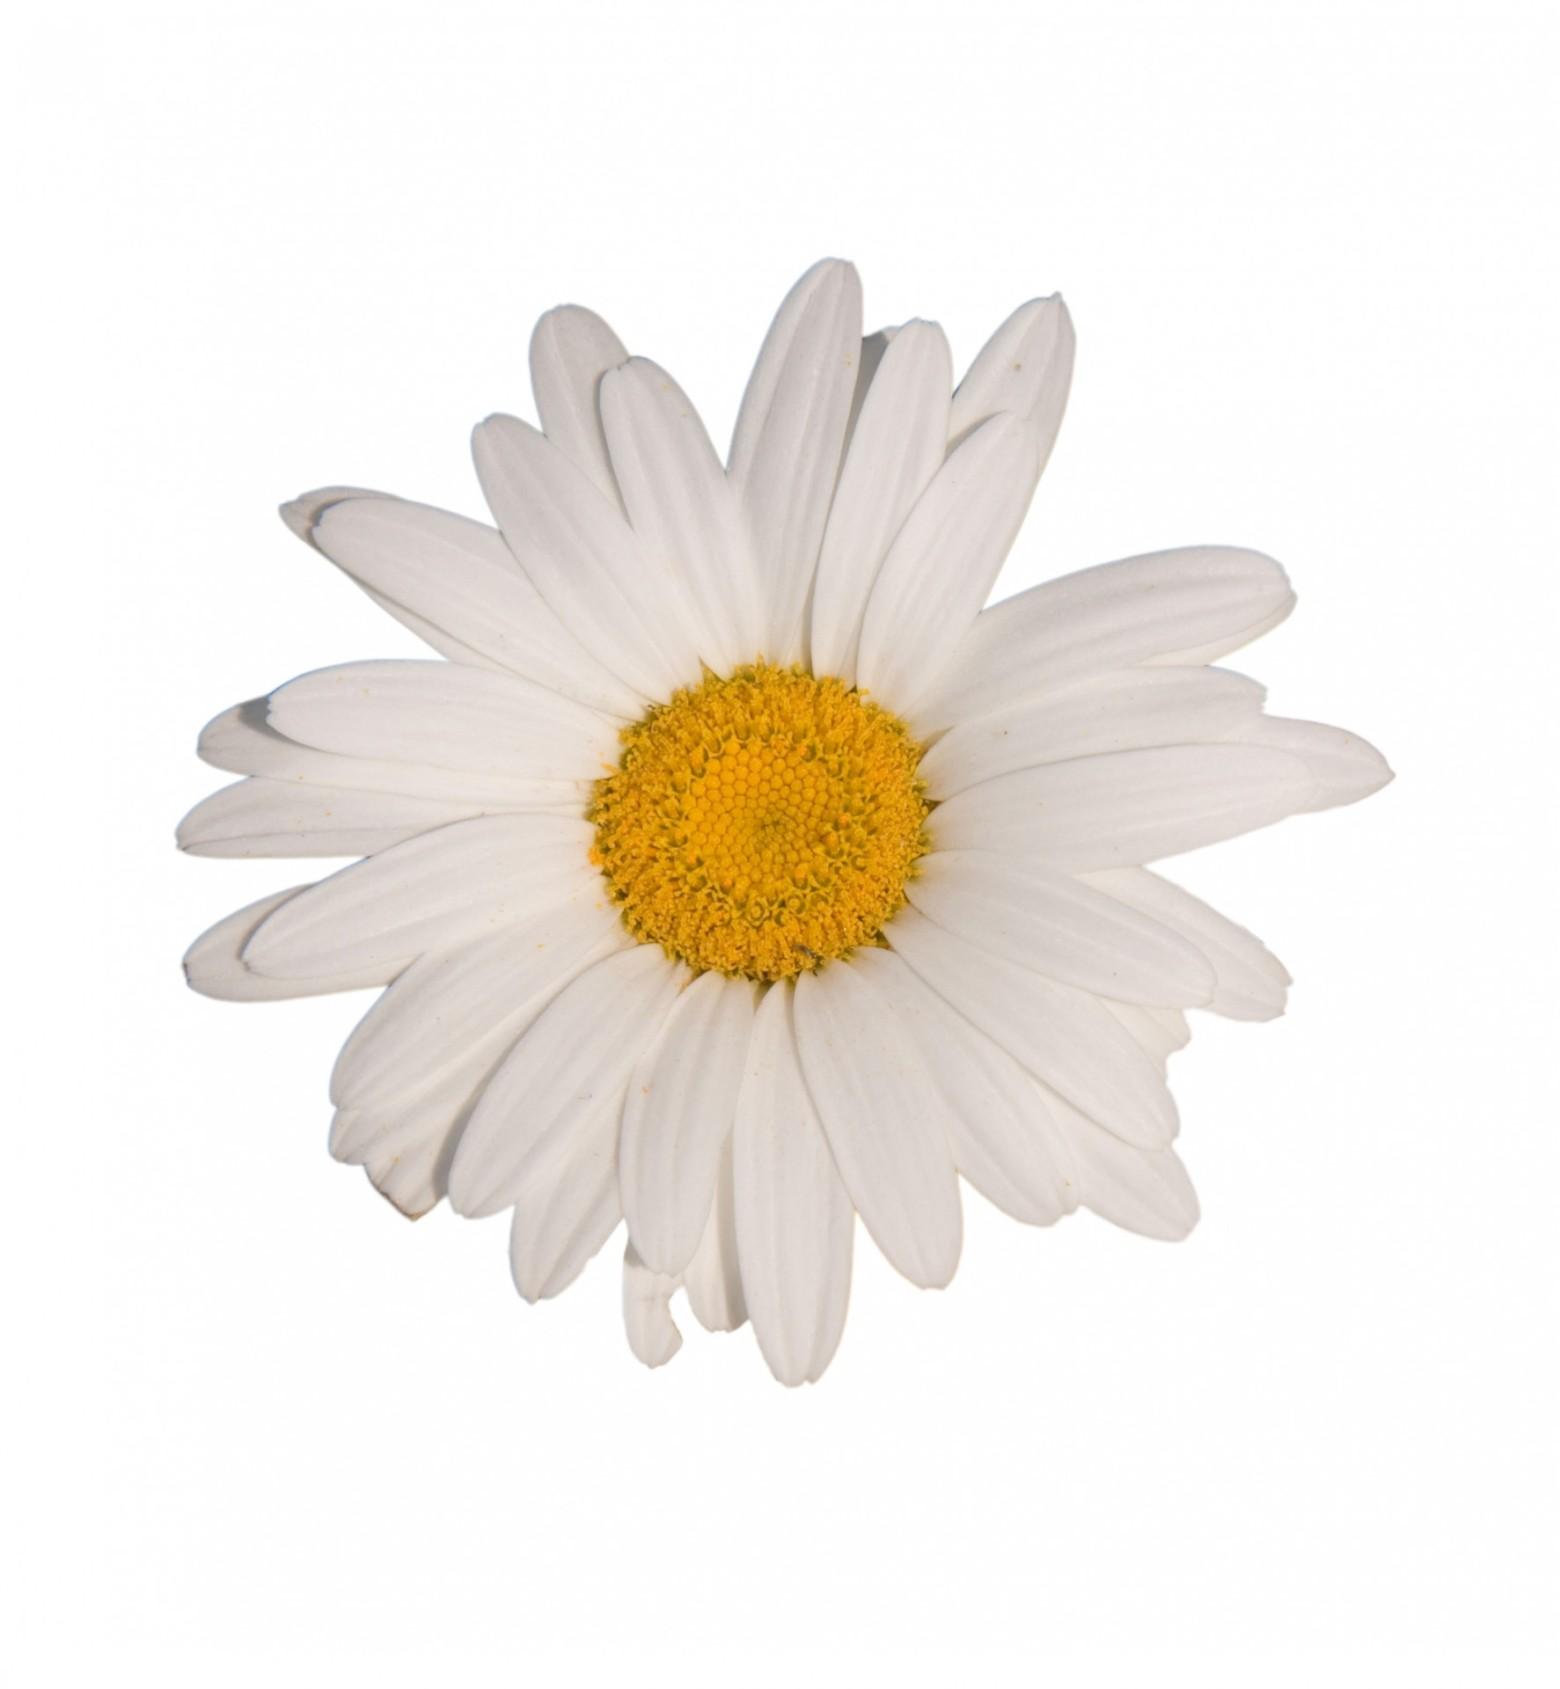 Fleurs fond blanc - Image fleur marguerite ...